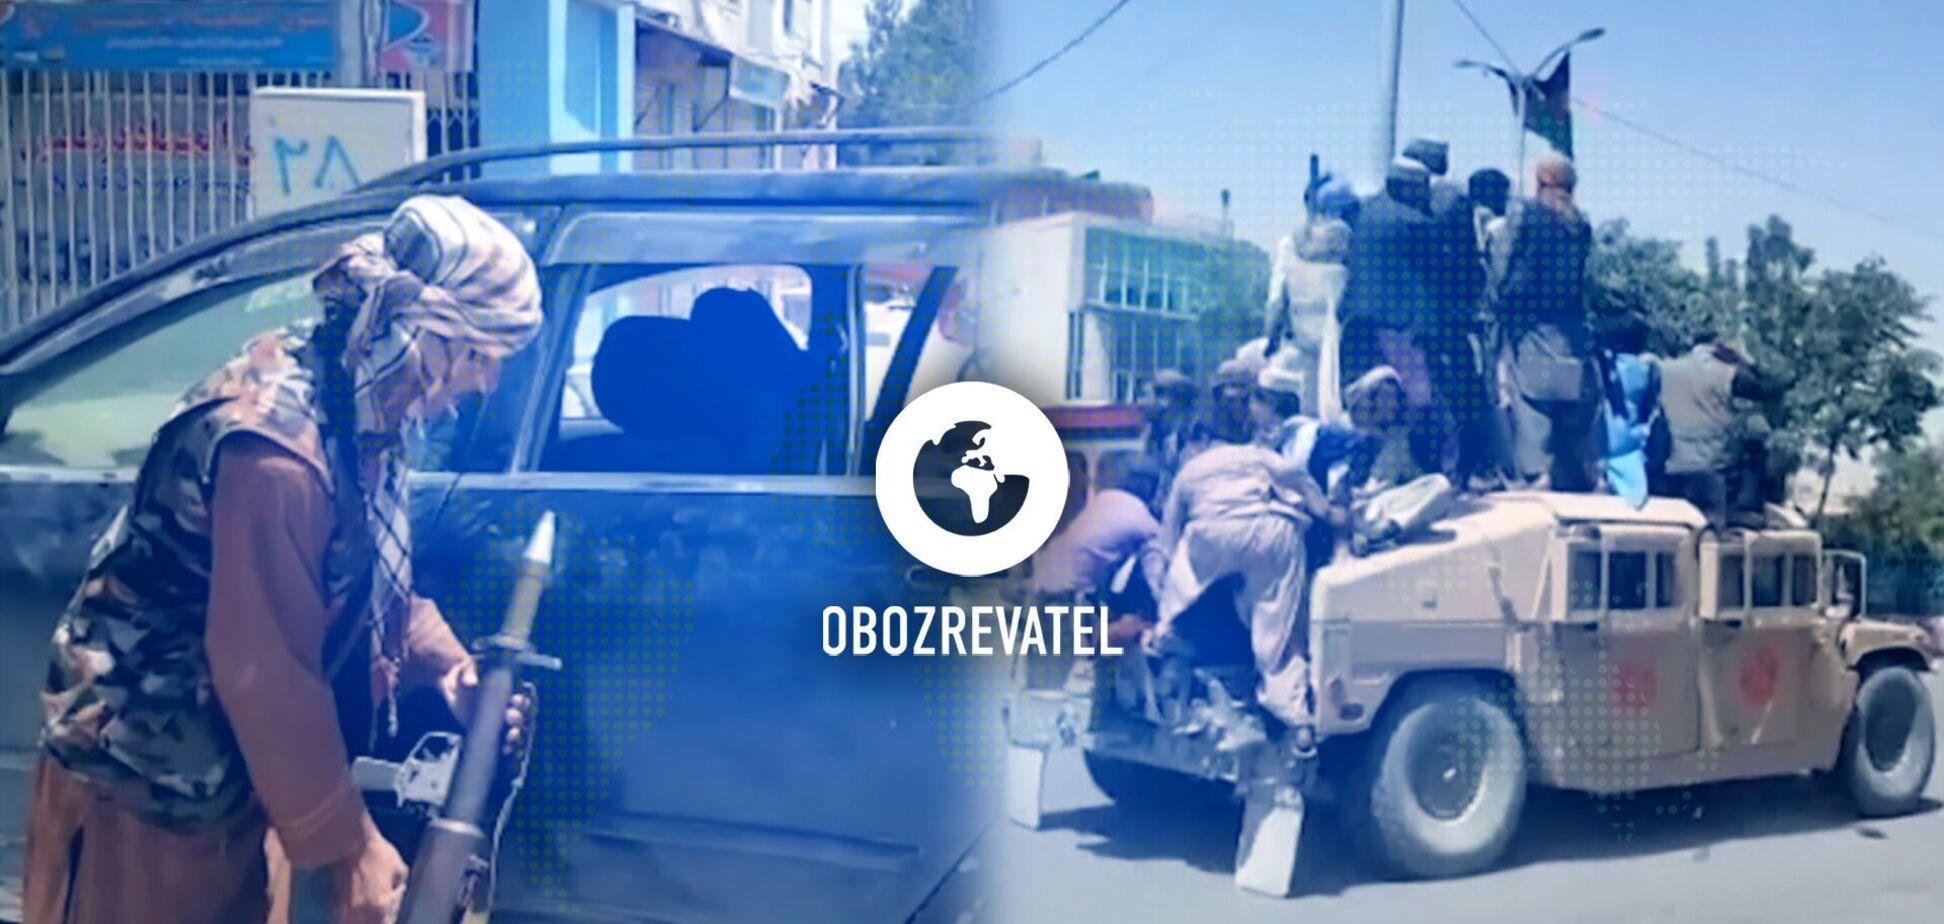 Наступ талібів в Афганістані та смертельні повені у Китаї і Туреччині – дайджест міжнародних подій